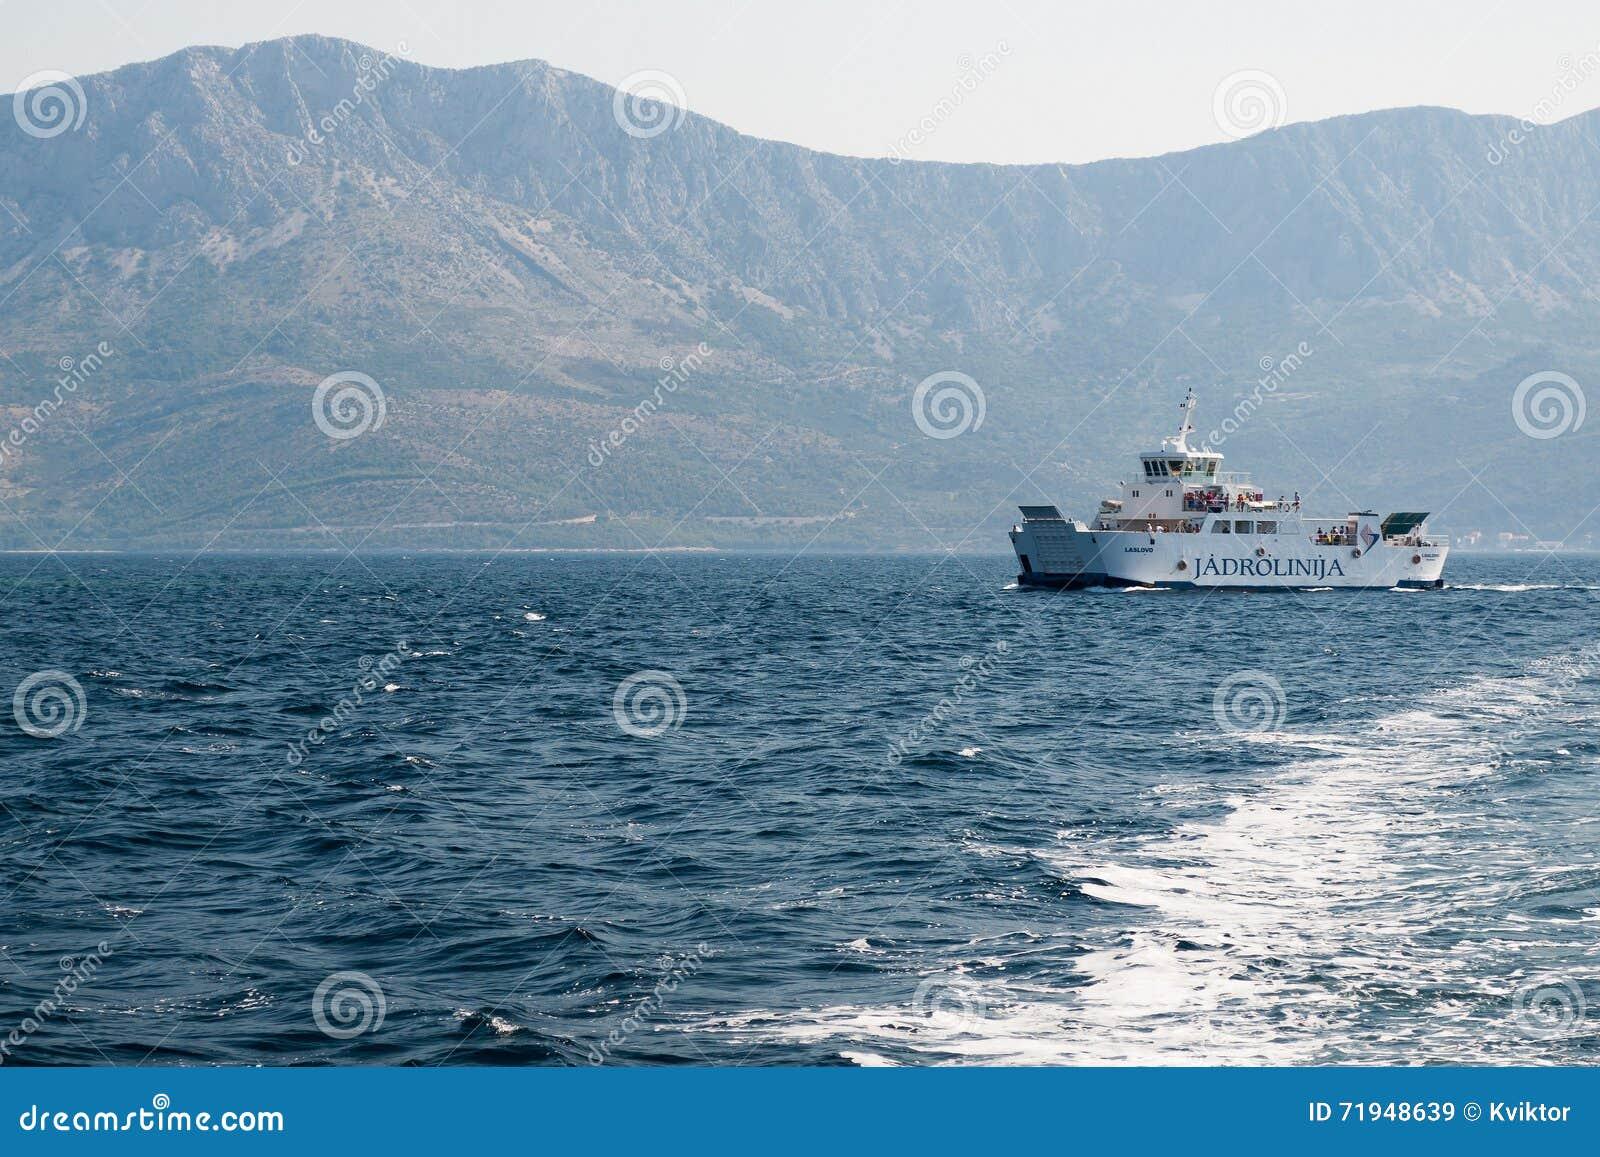 Паром компании Jadrolinija около острова Hvar в Хорватии